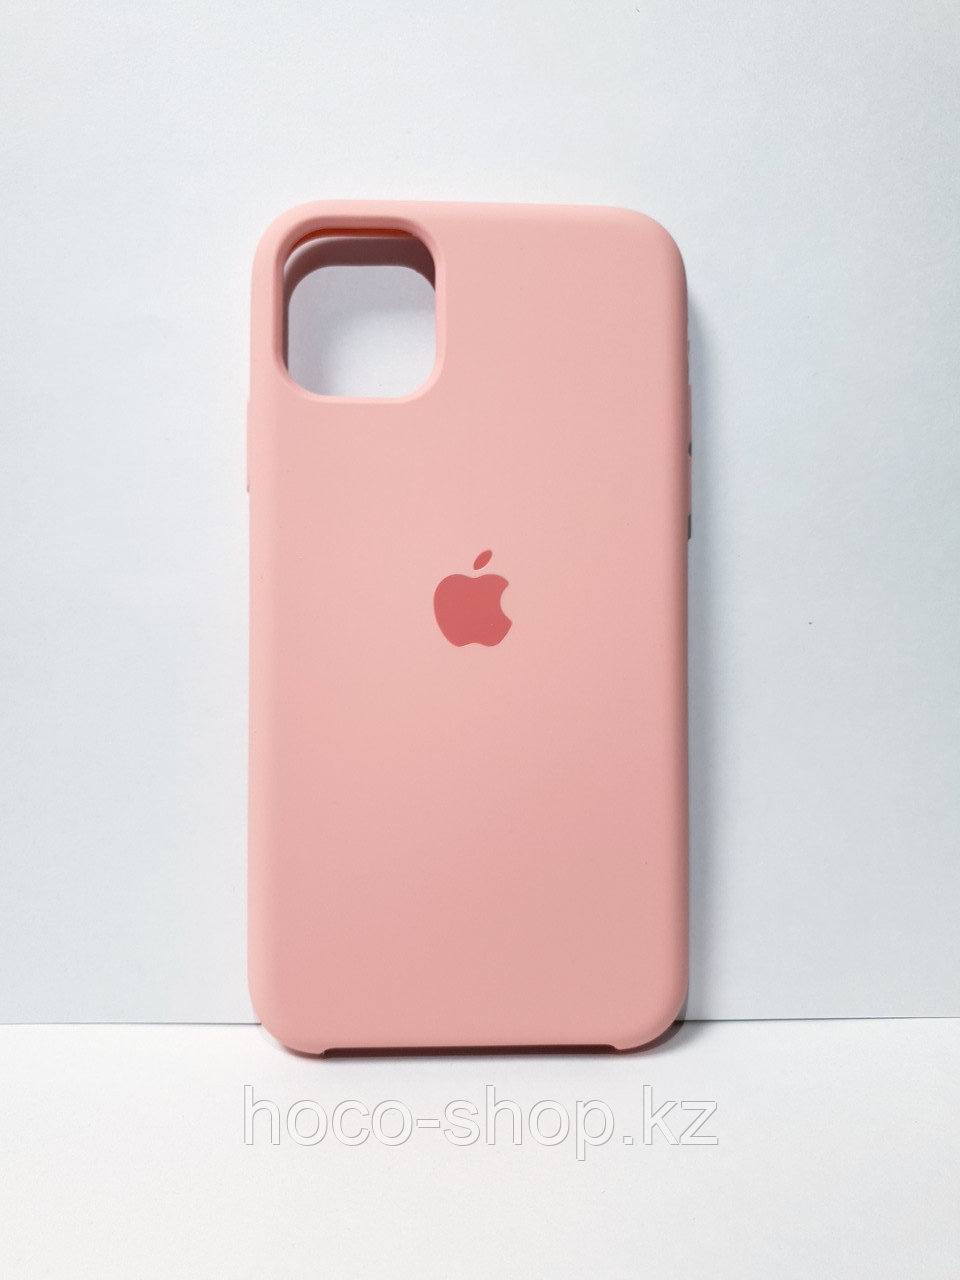 Защитный чехол для iPhone 11 Soft Touch силиконовый, розовый